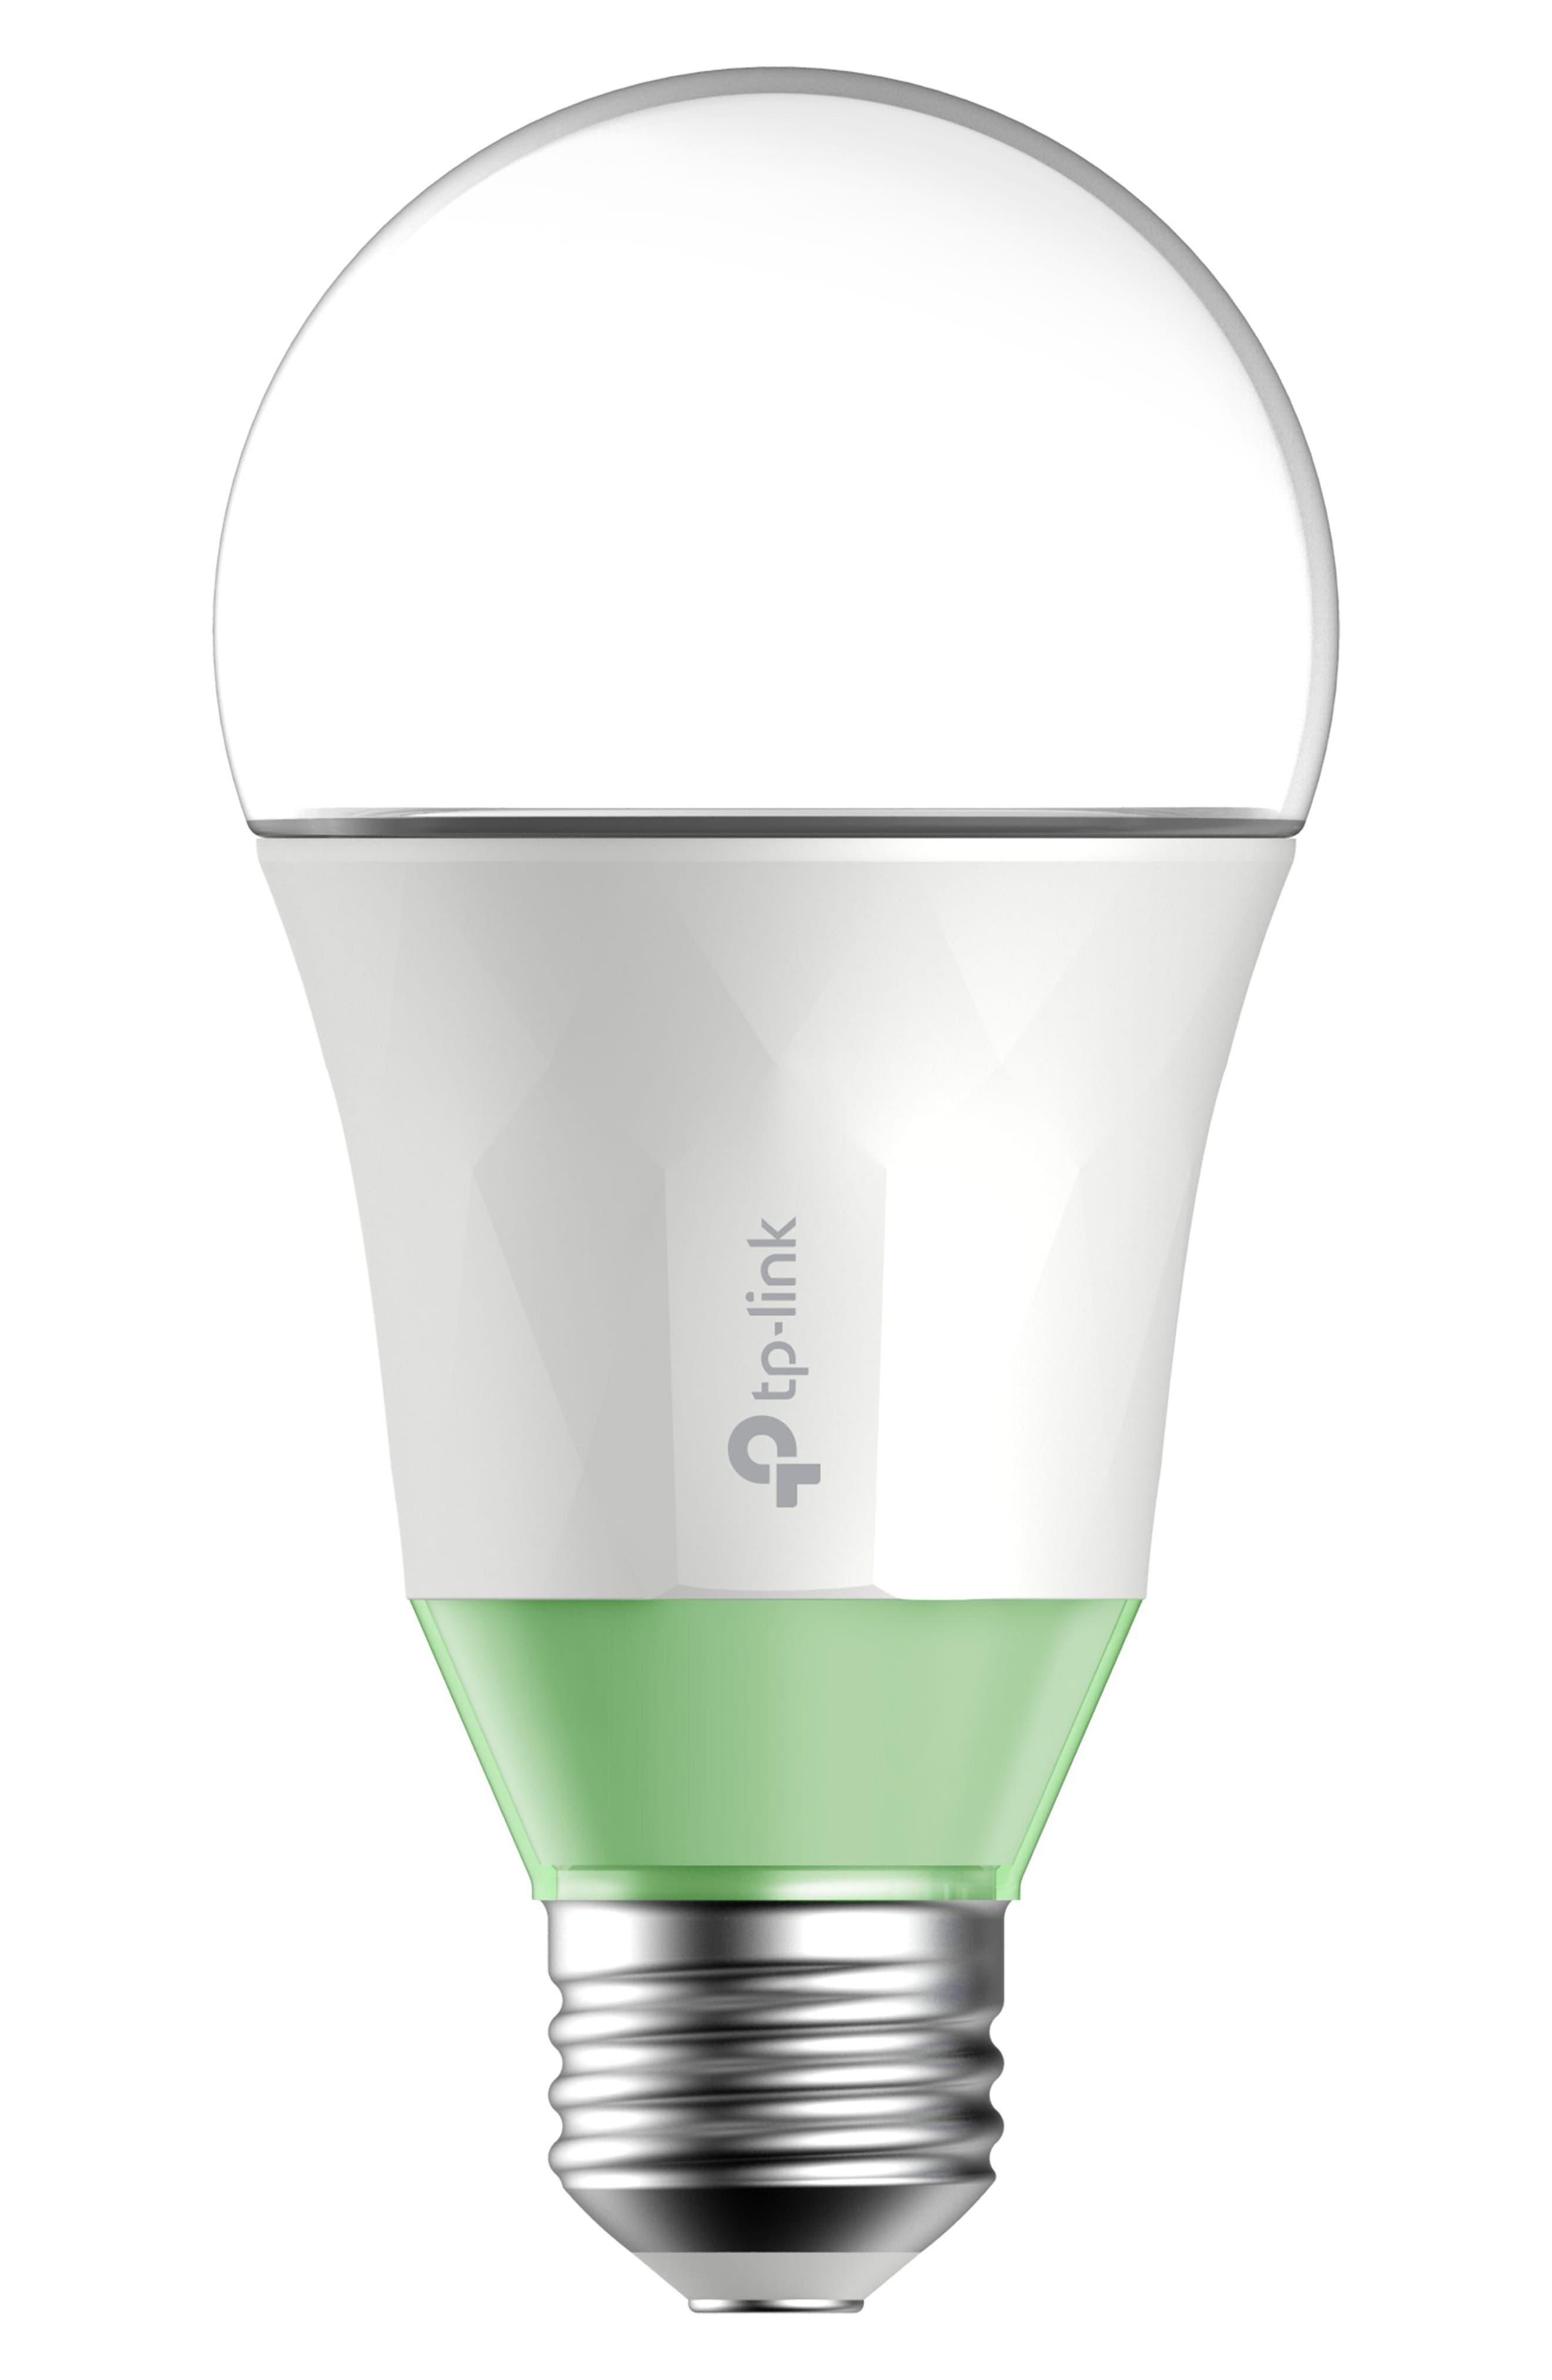 Smart Wi-Fi Dimmable LED Light Bulb,                             Main thumbnail 1, color,